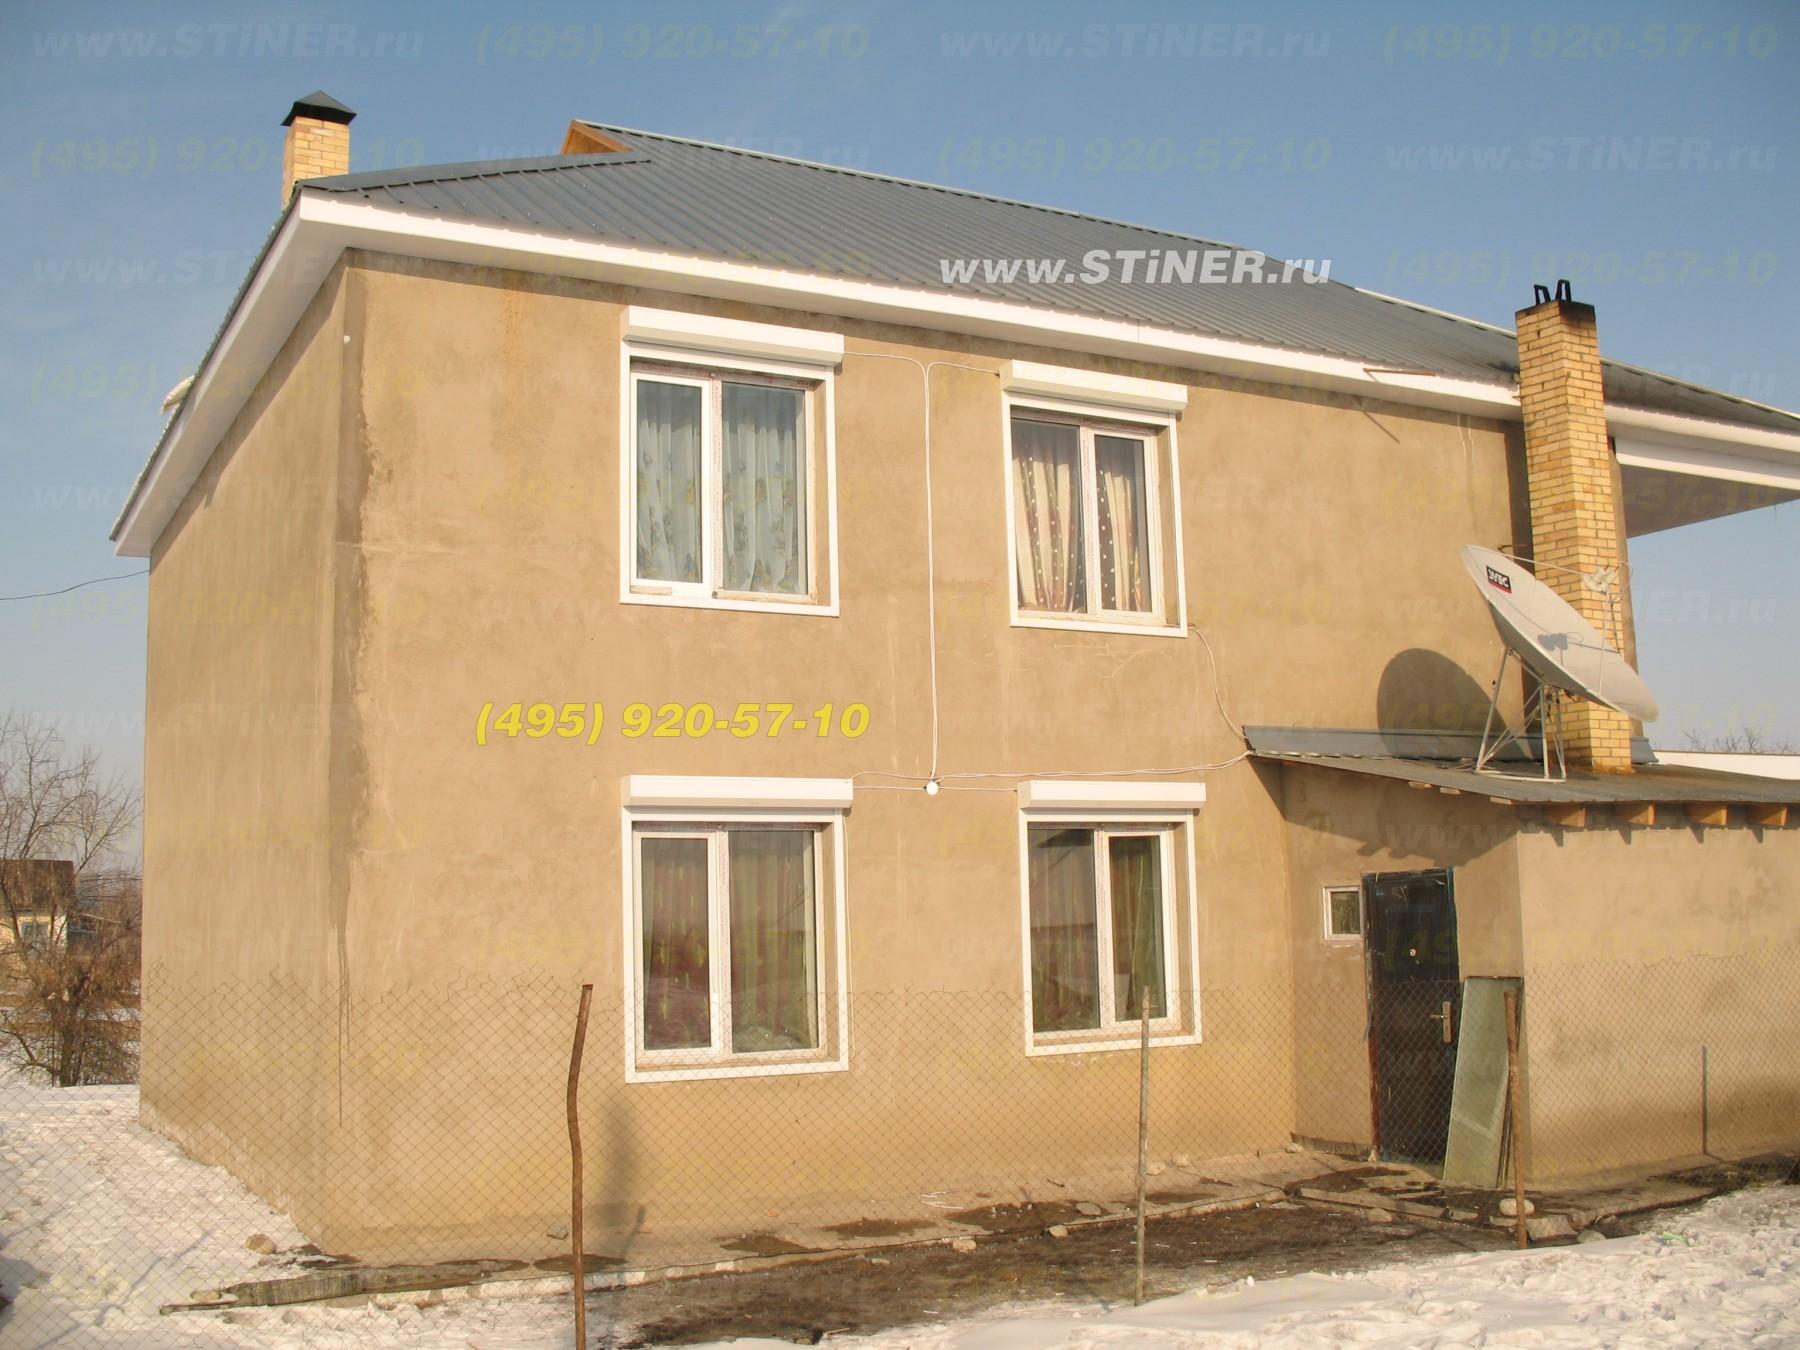 Роллеты на окна и двери с электрическим мотором и групповым управлением с монтажом в Московской области